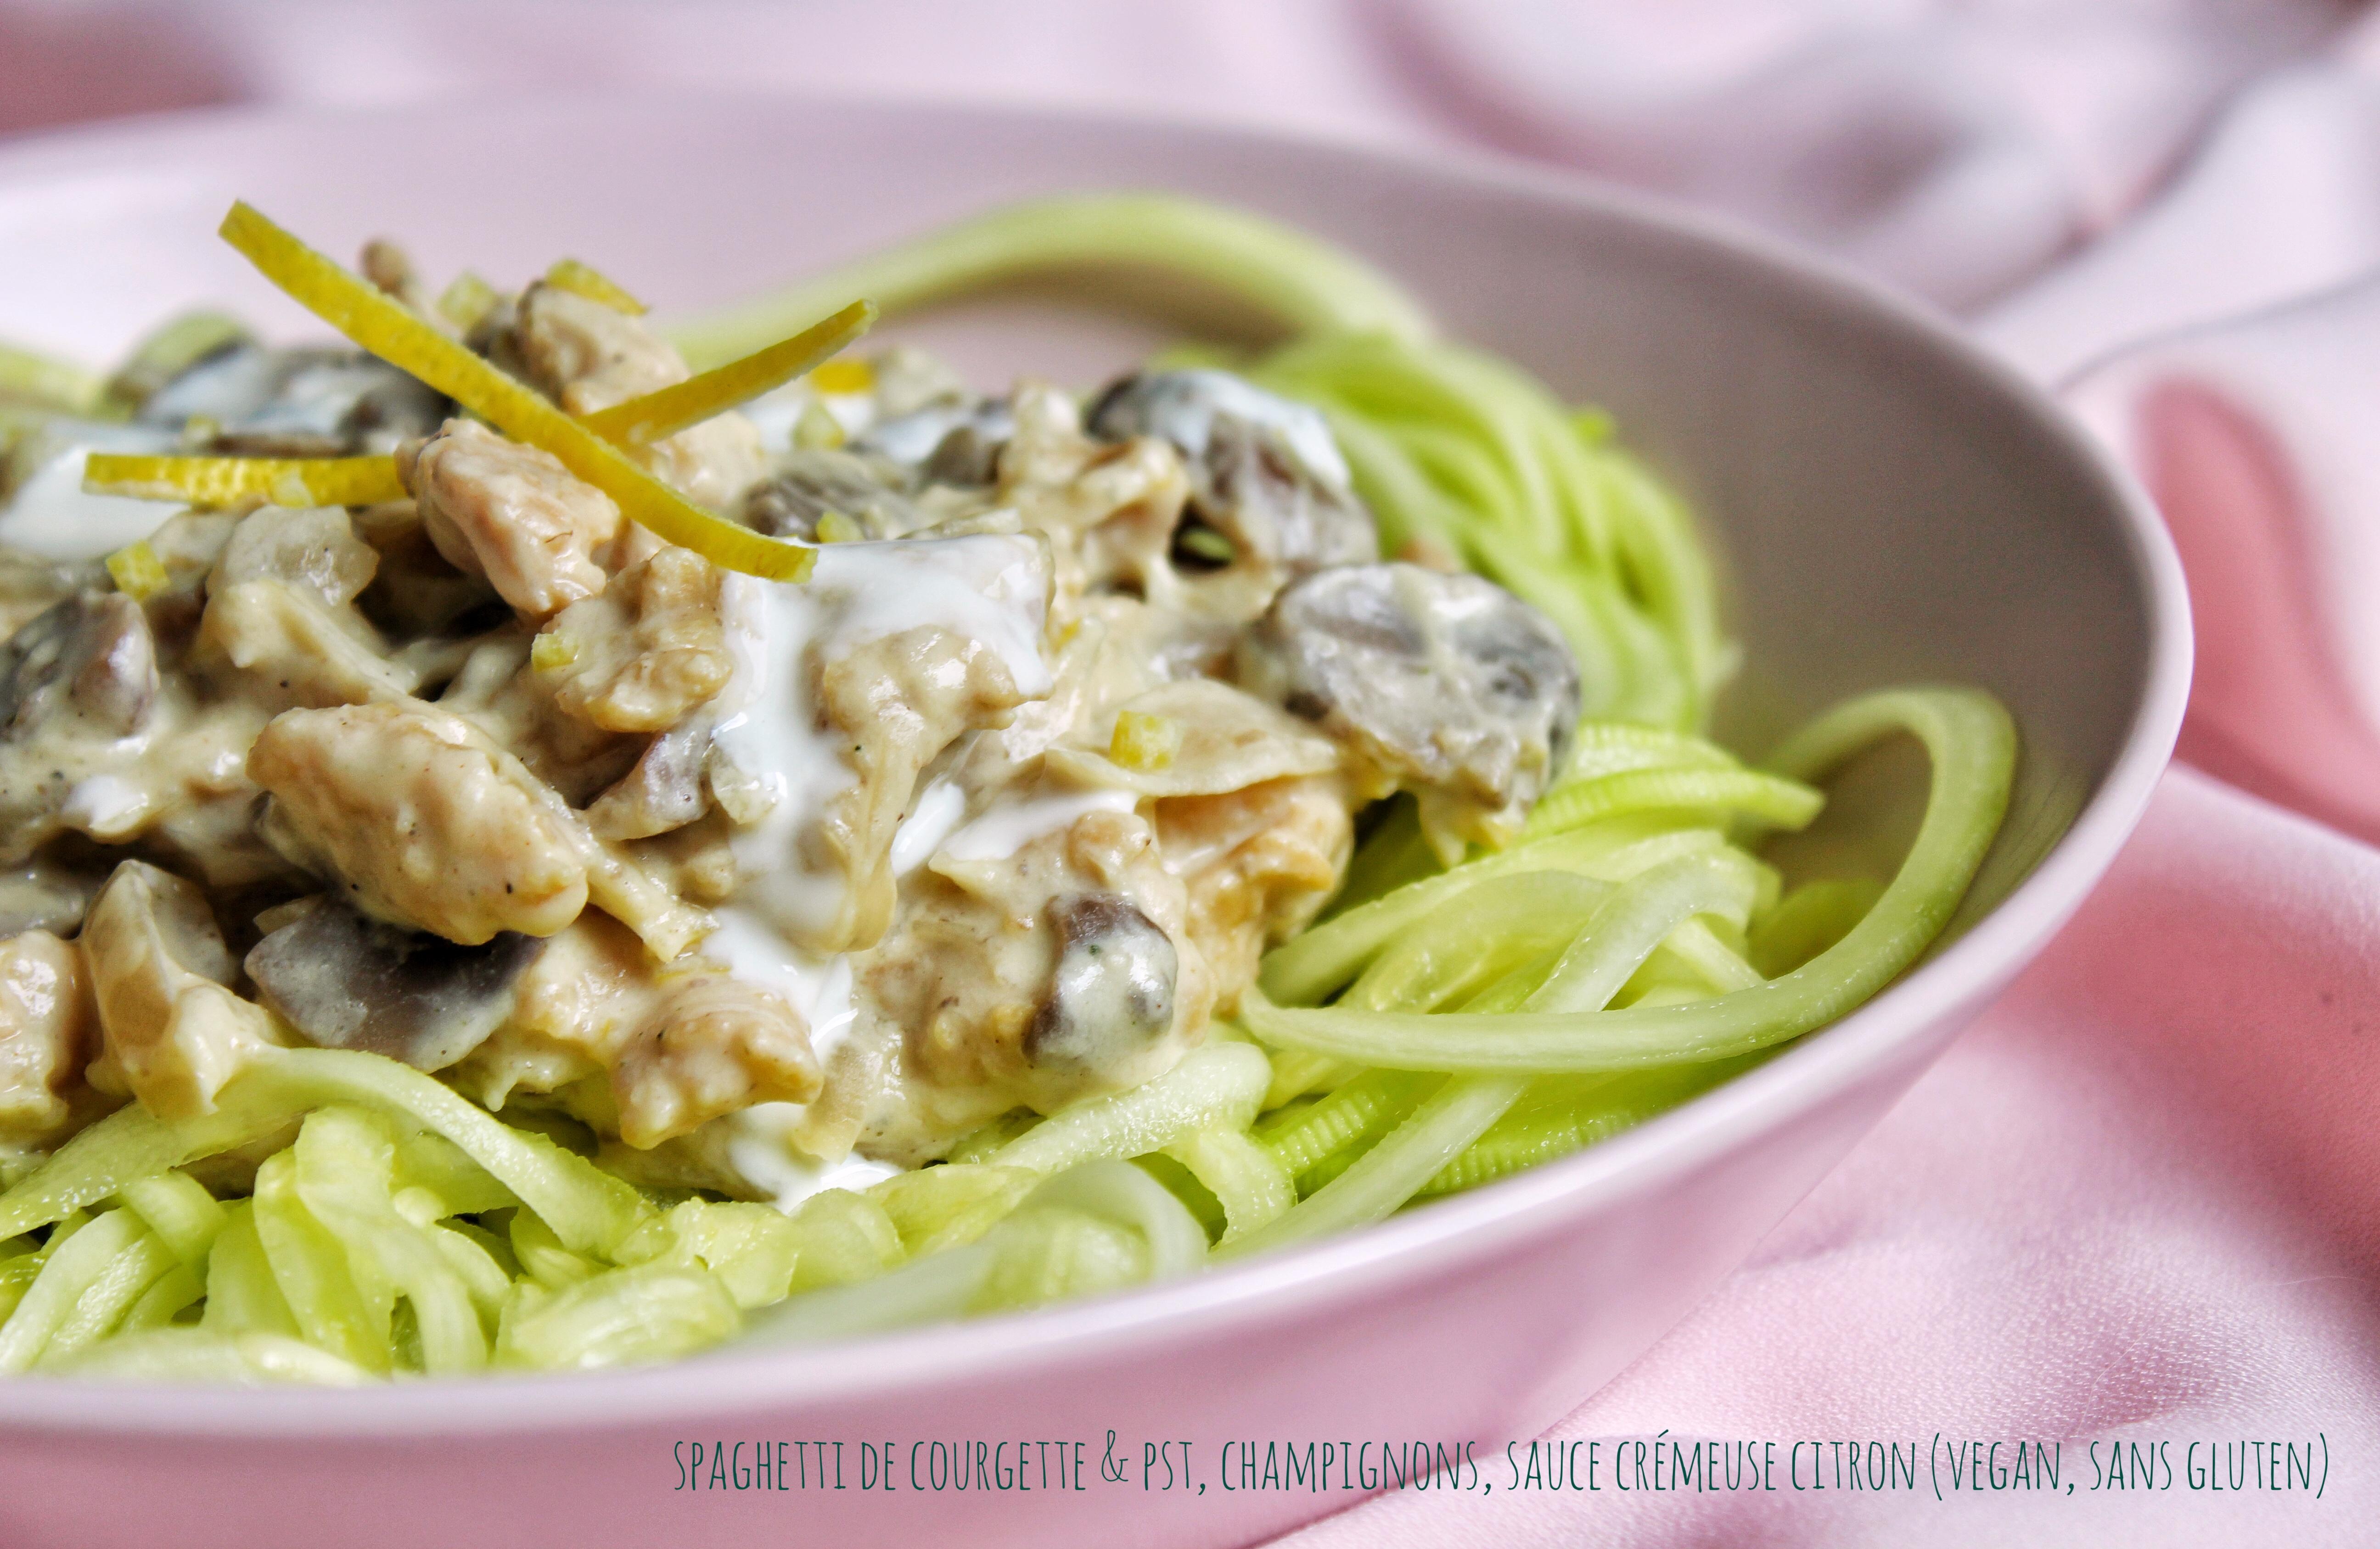 Spaghetti de courgette, protéines soja texturées, champignons, sauce crémeuse citron, vegan, sans gluten, sans lactose, végétarien